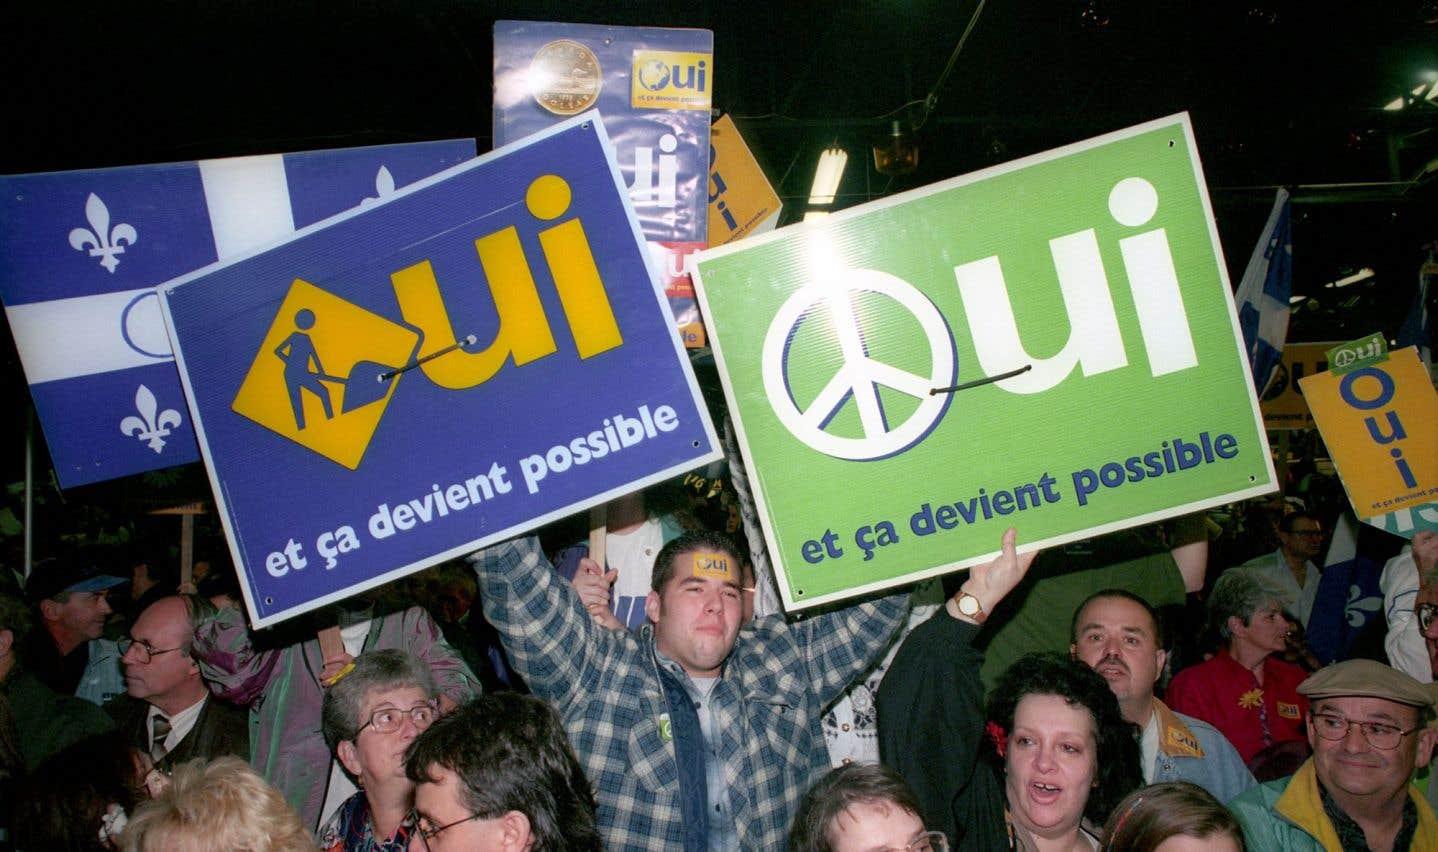 En 1995, les Québécois sont invités à se prononcer pour la deuxième fois sur l'indépendance du Québec après l'échec du référendum de 1980.